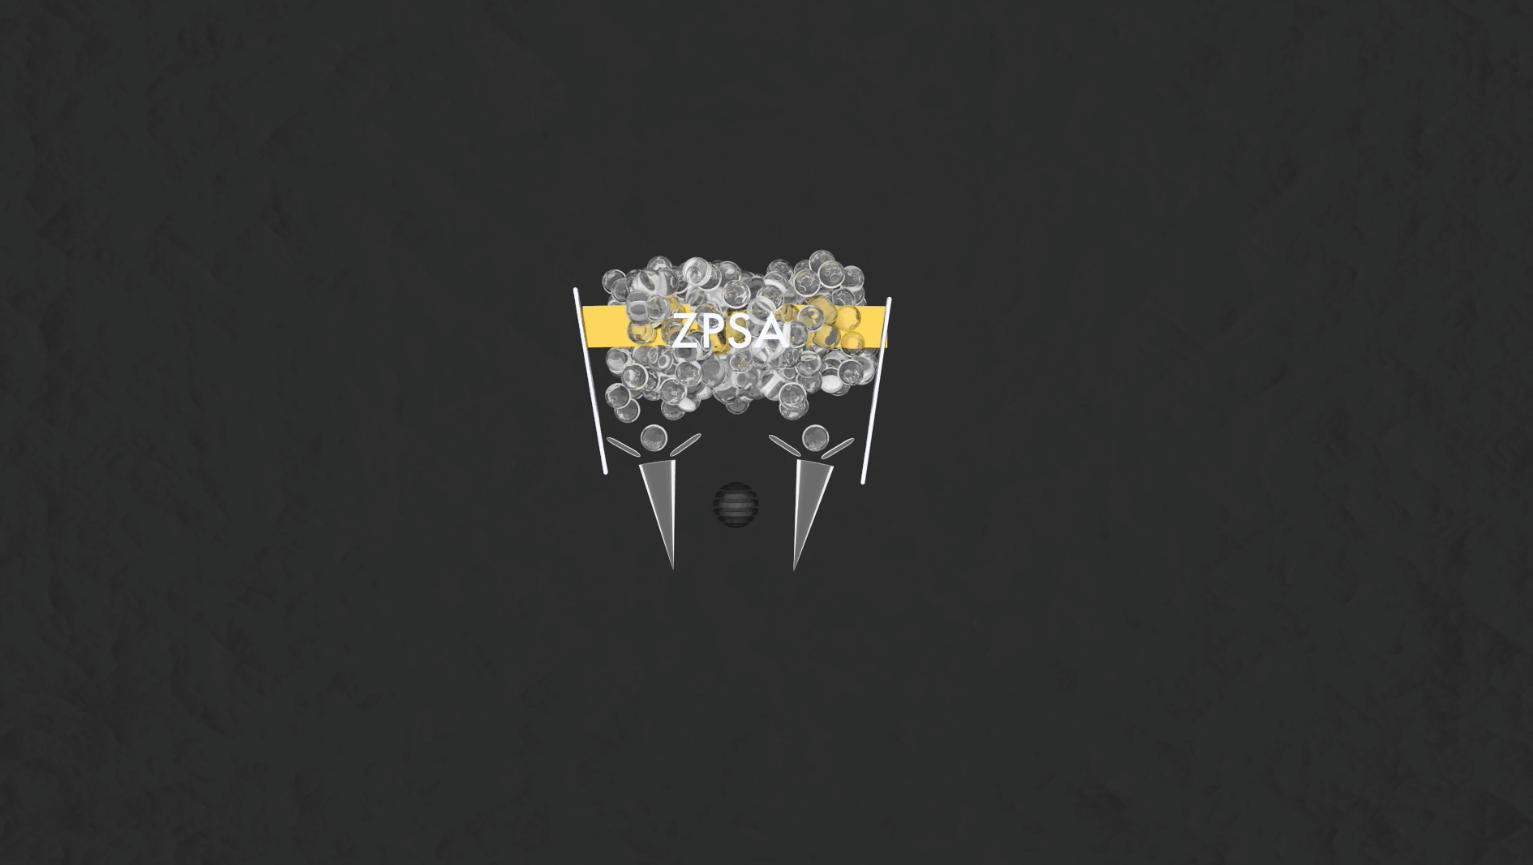 zpsa logo